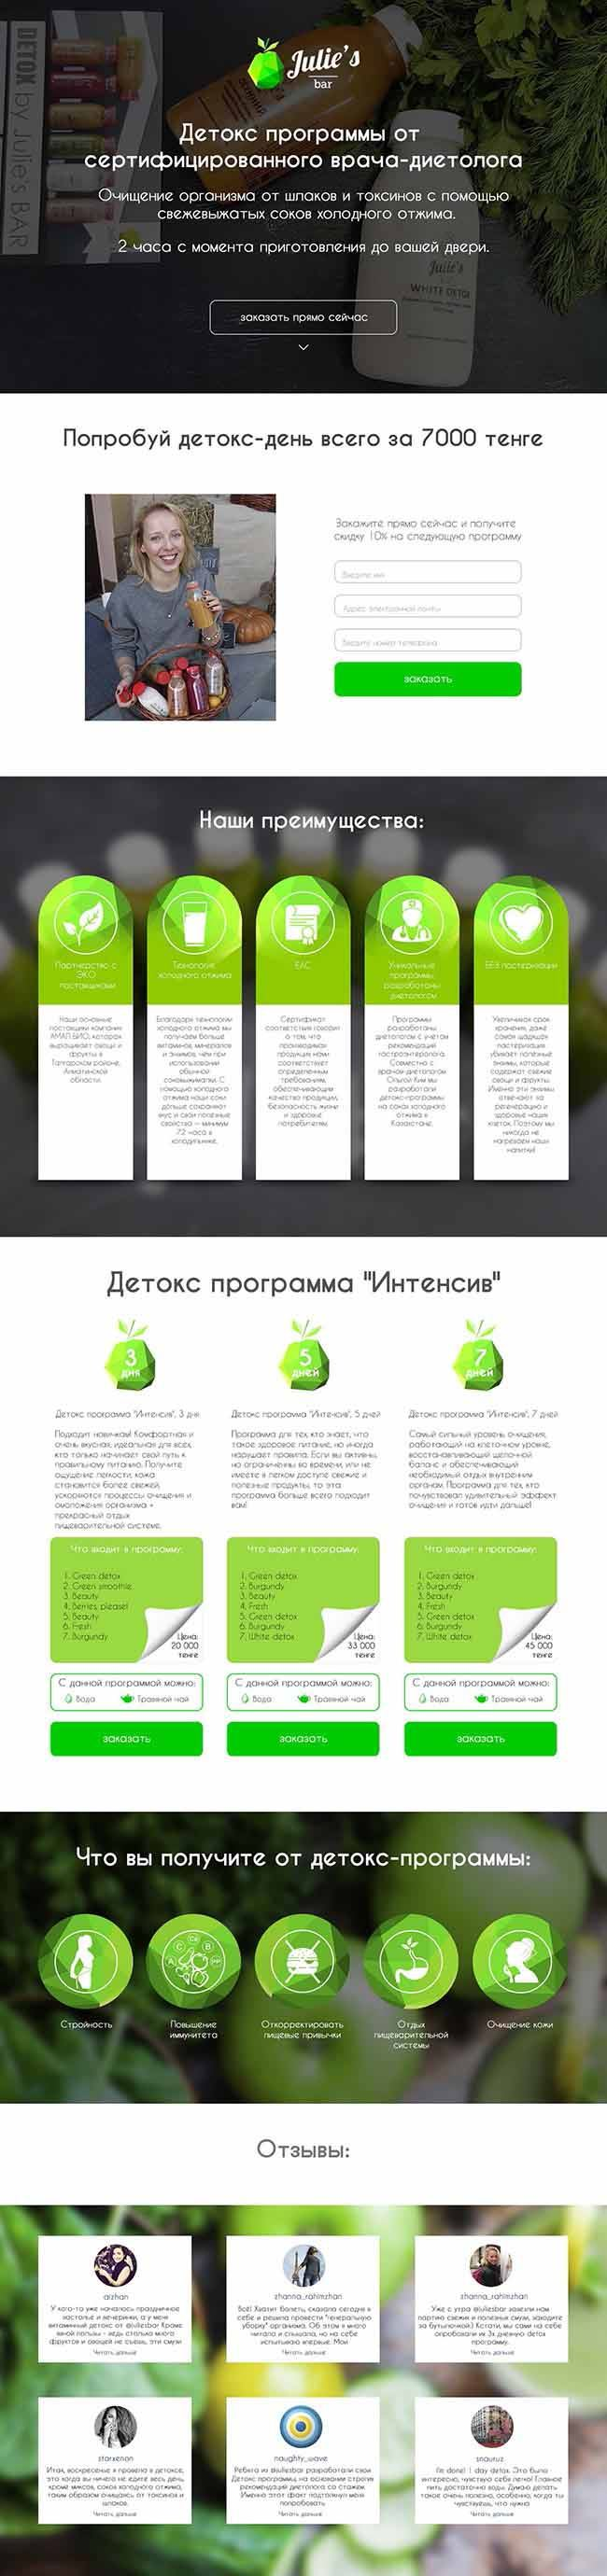 Создание лендингов в Алматы